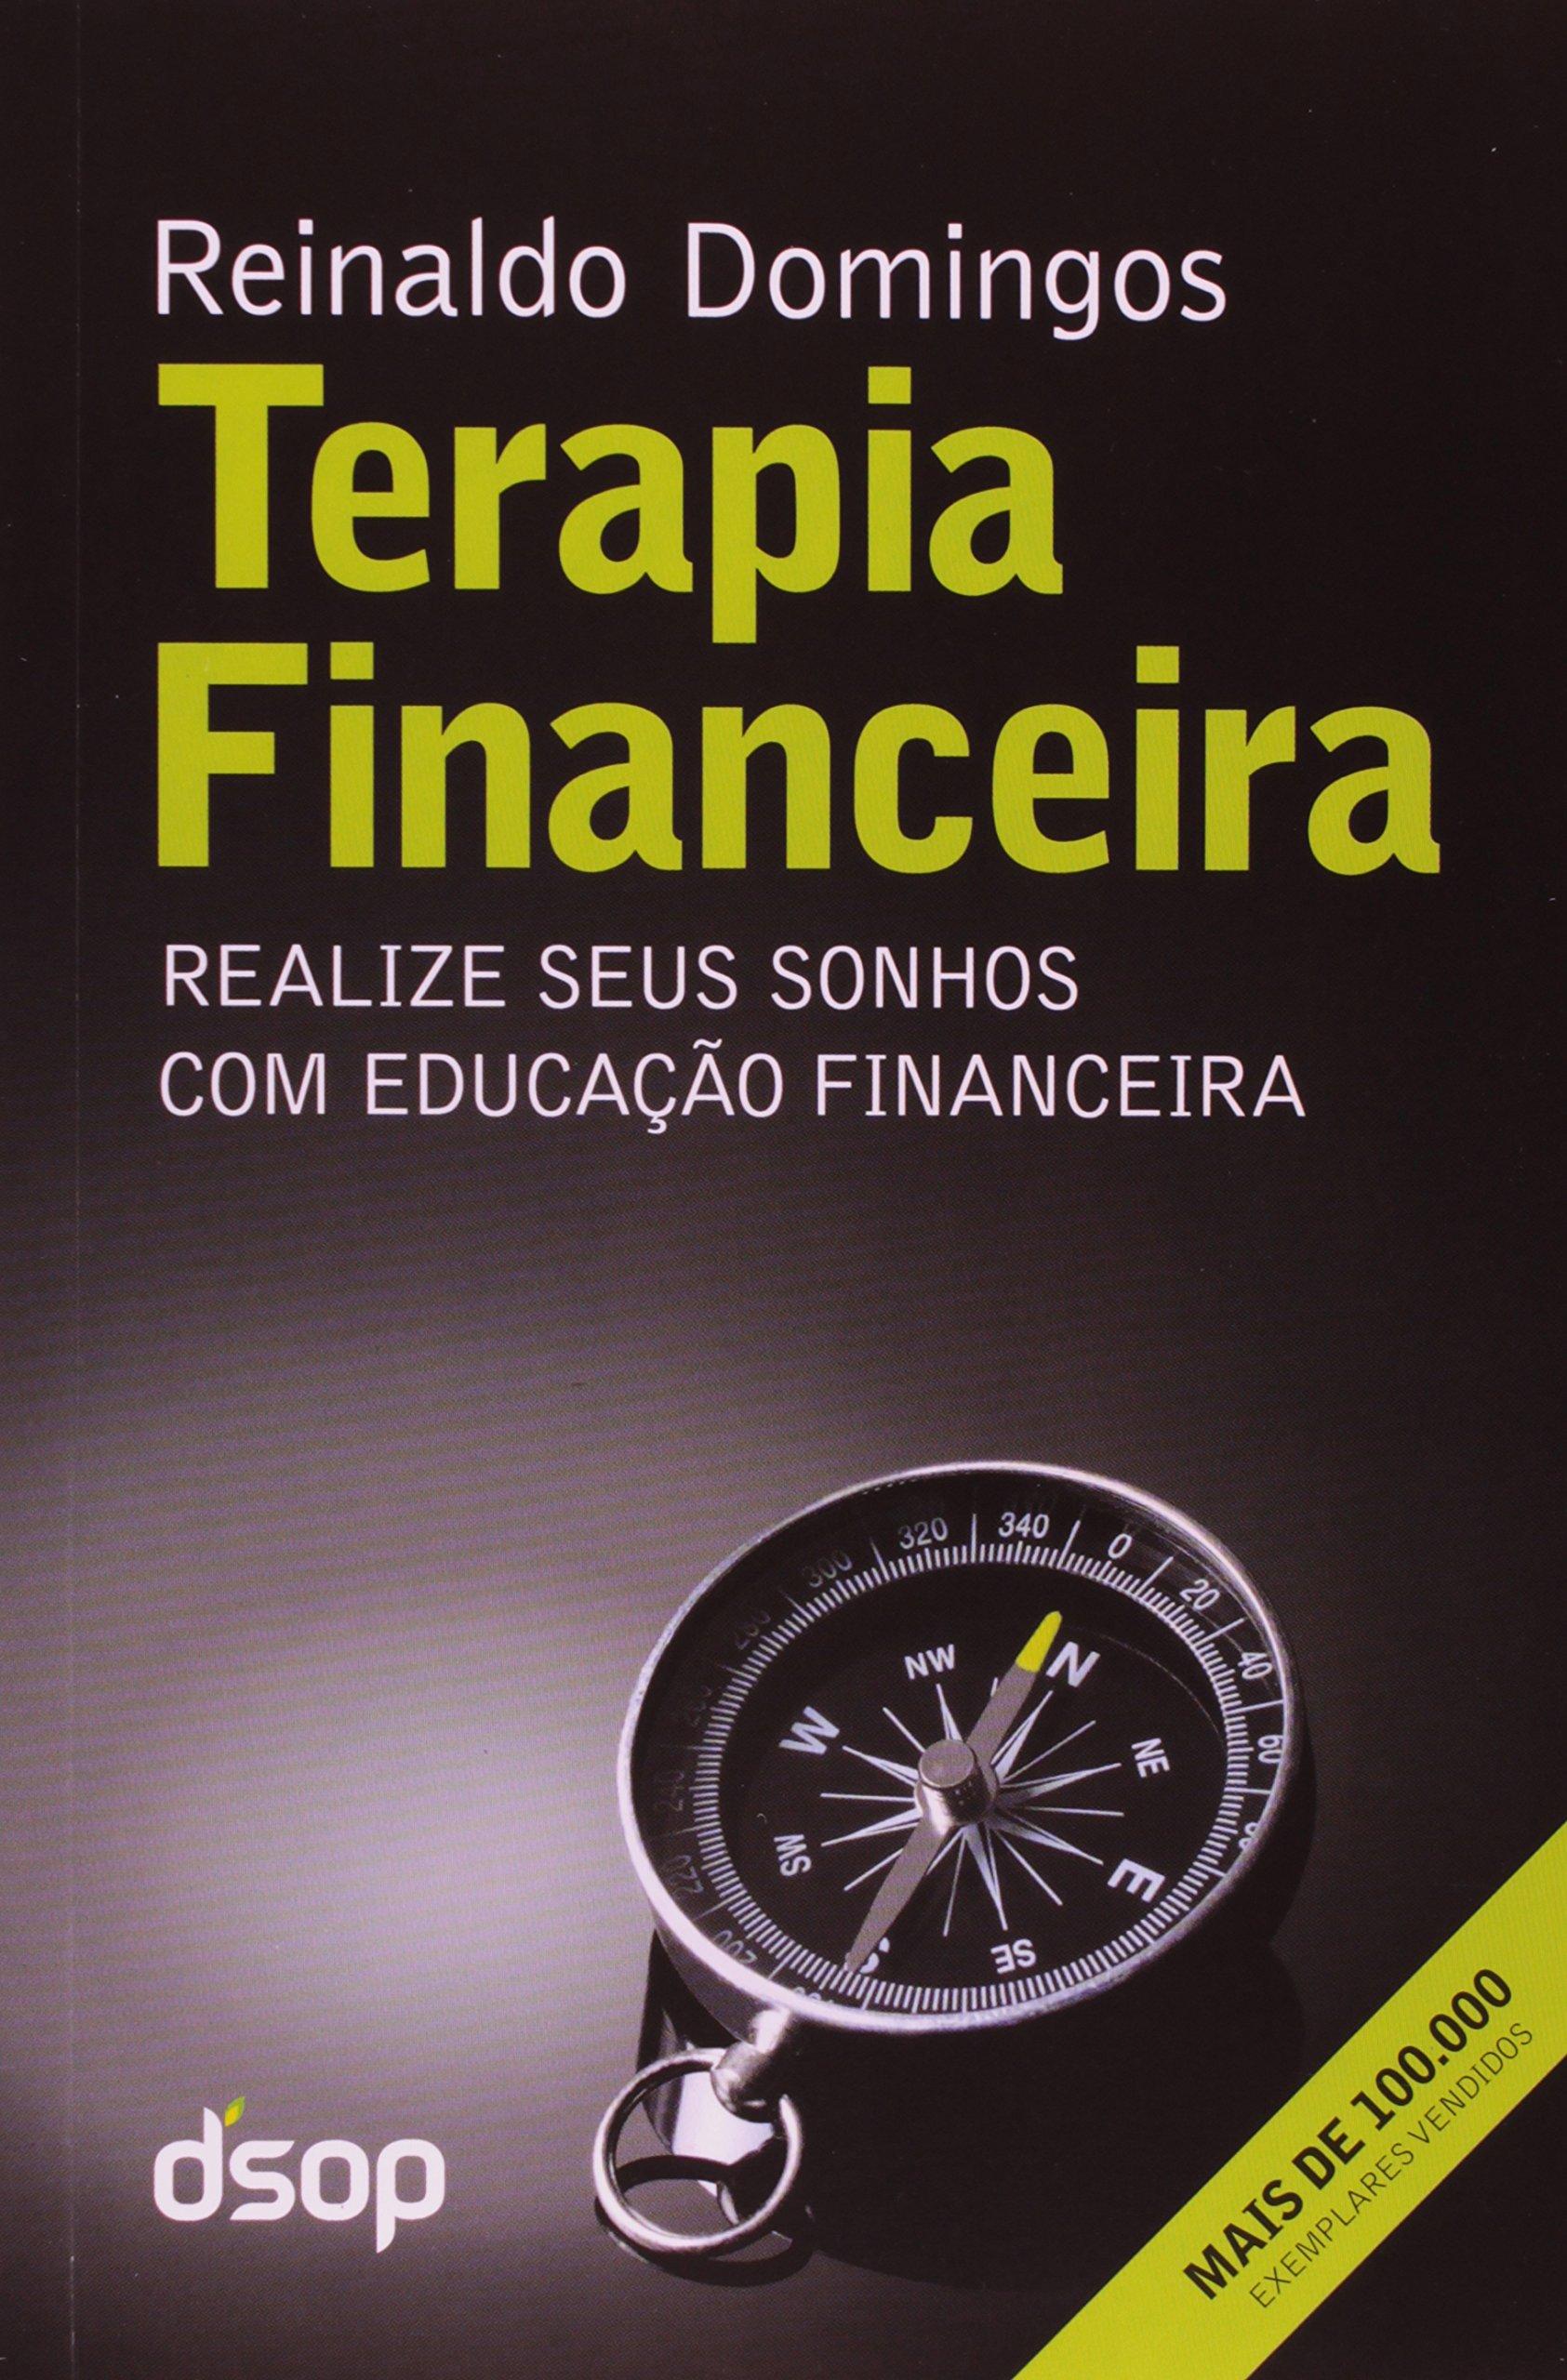 Terapia Financeira. Realize Seus Sonhos com Educação Financeira |  Amazon.com.br